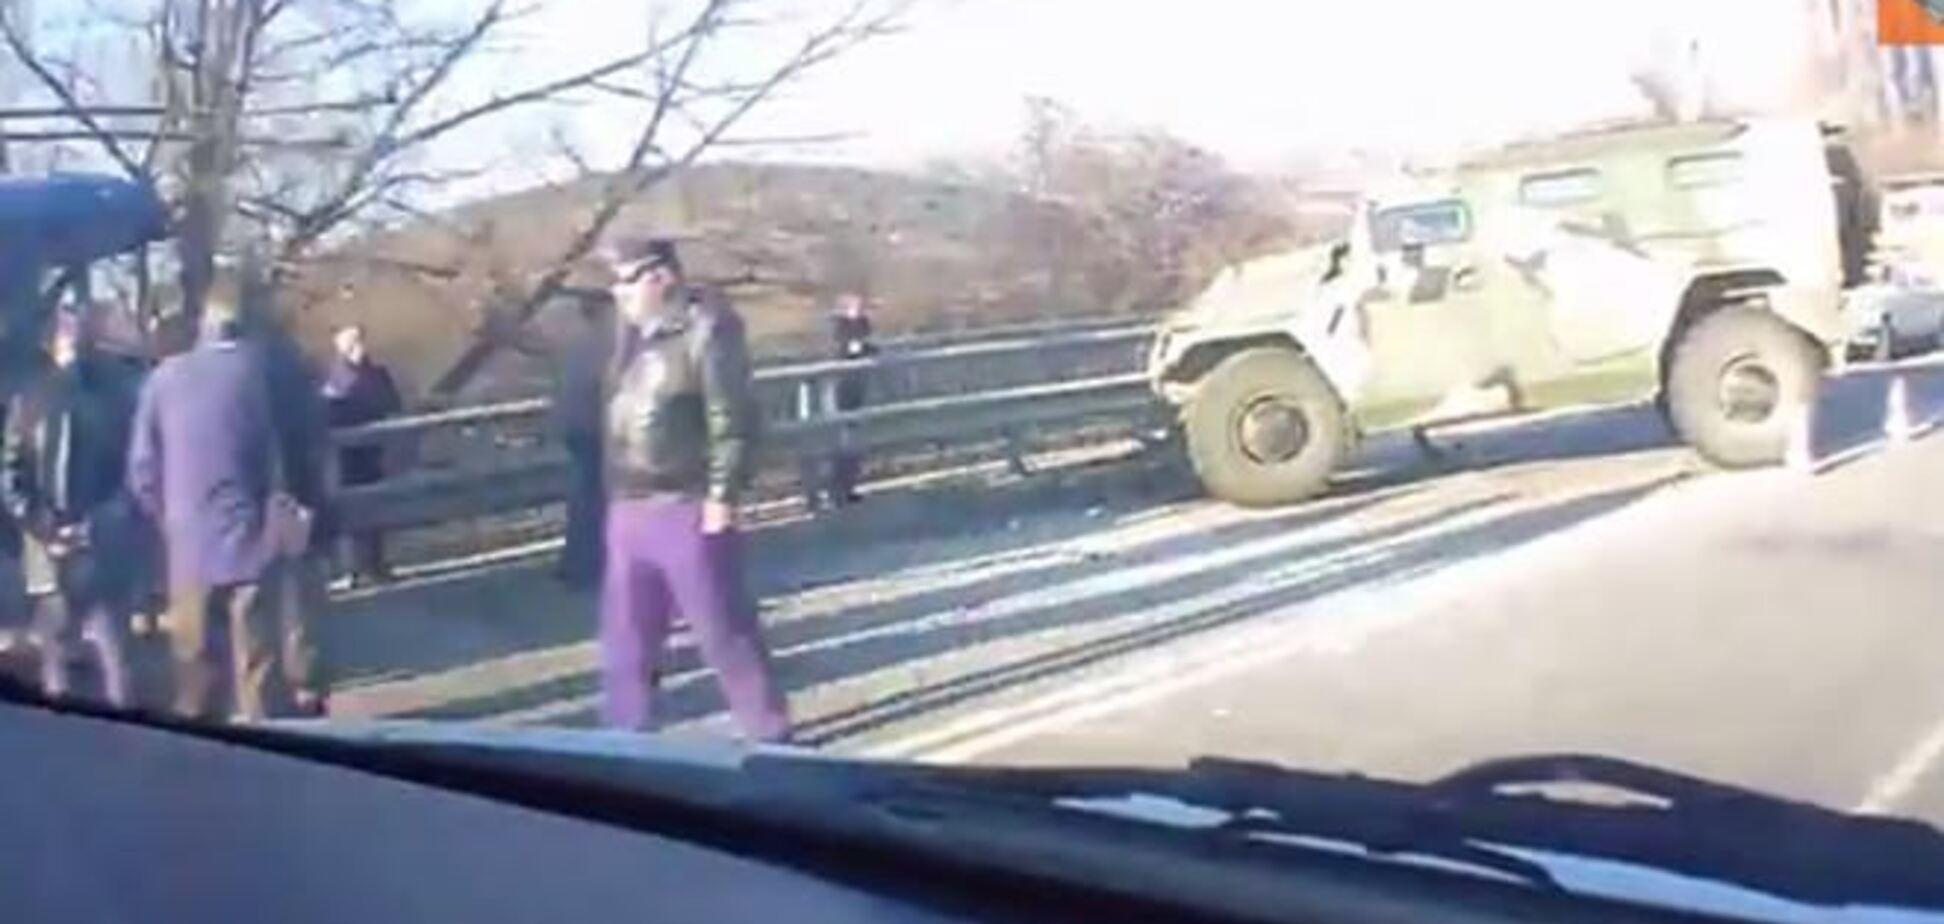 Под Симферополем российский 'Тигр' врезался в троллейбус: есть пострадавшие